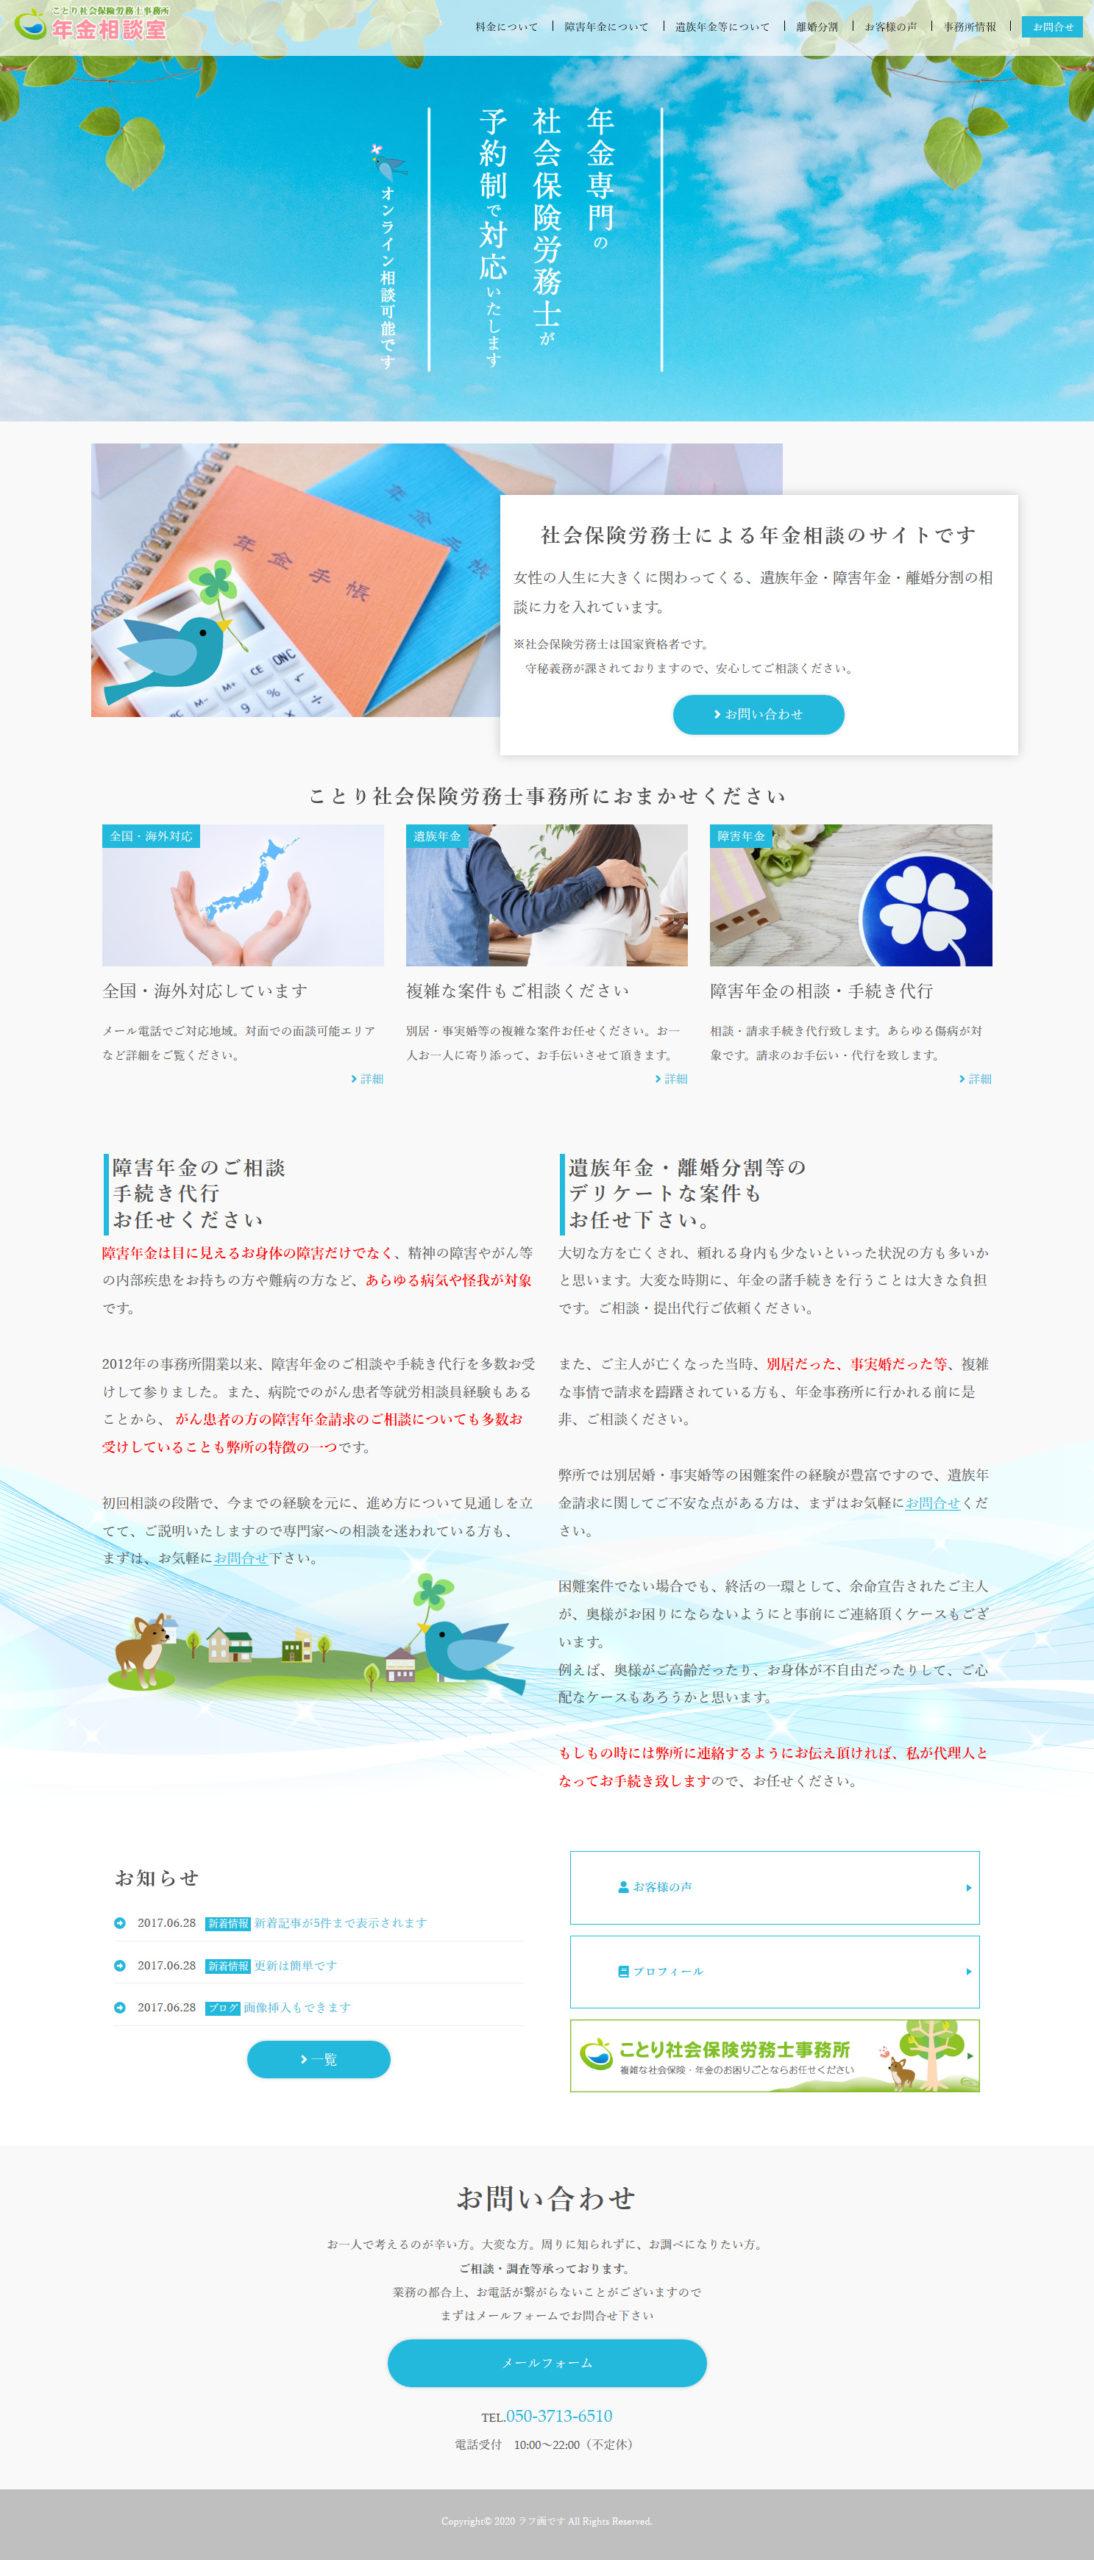 社会保険事務所関係のホームページ制作